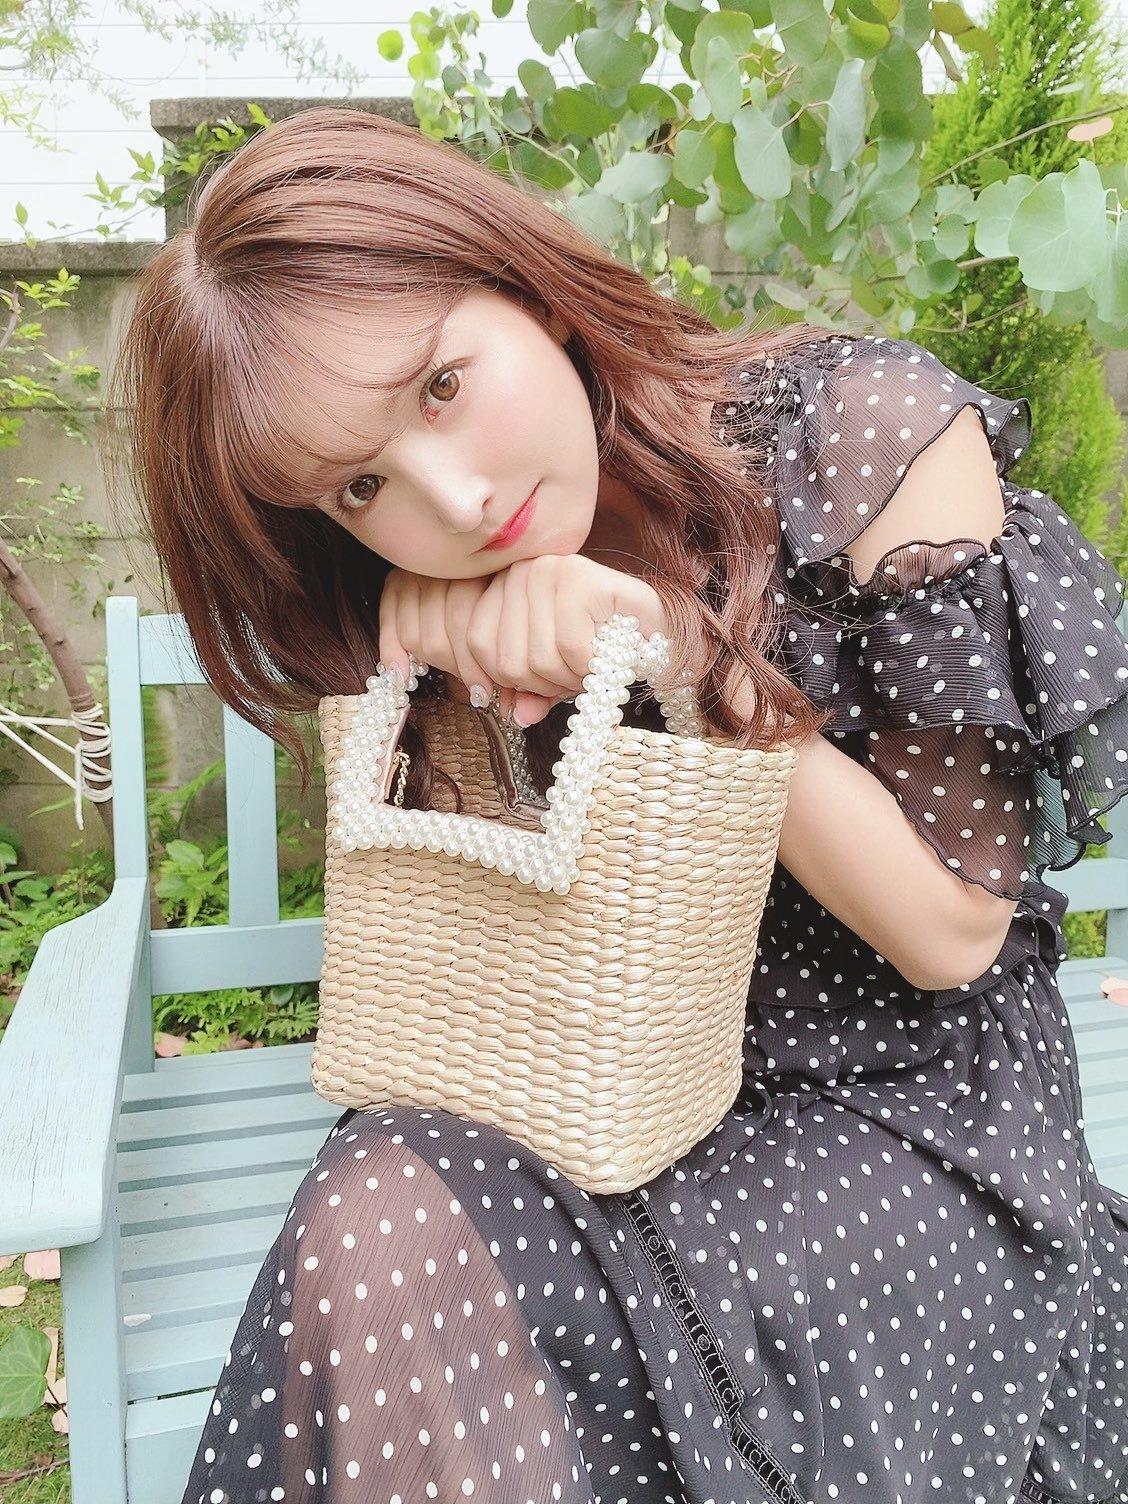 yua_mikami 1272512066960584706_p0